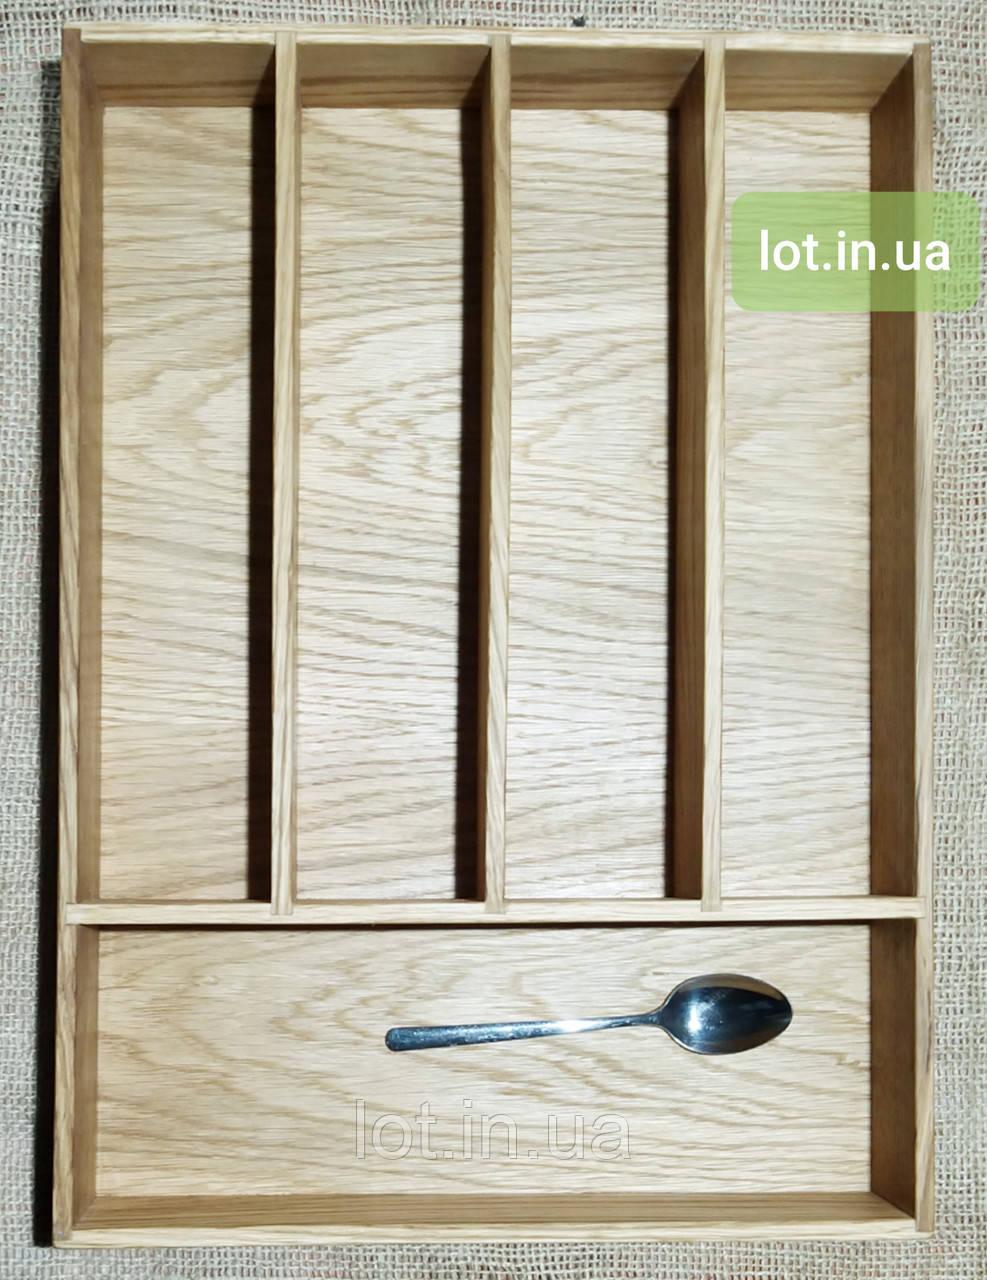 Деревянный лоток для столовых приборов Lot 505 400х500. (индивидуальные размеры)